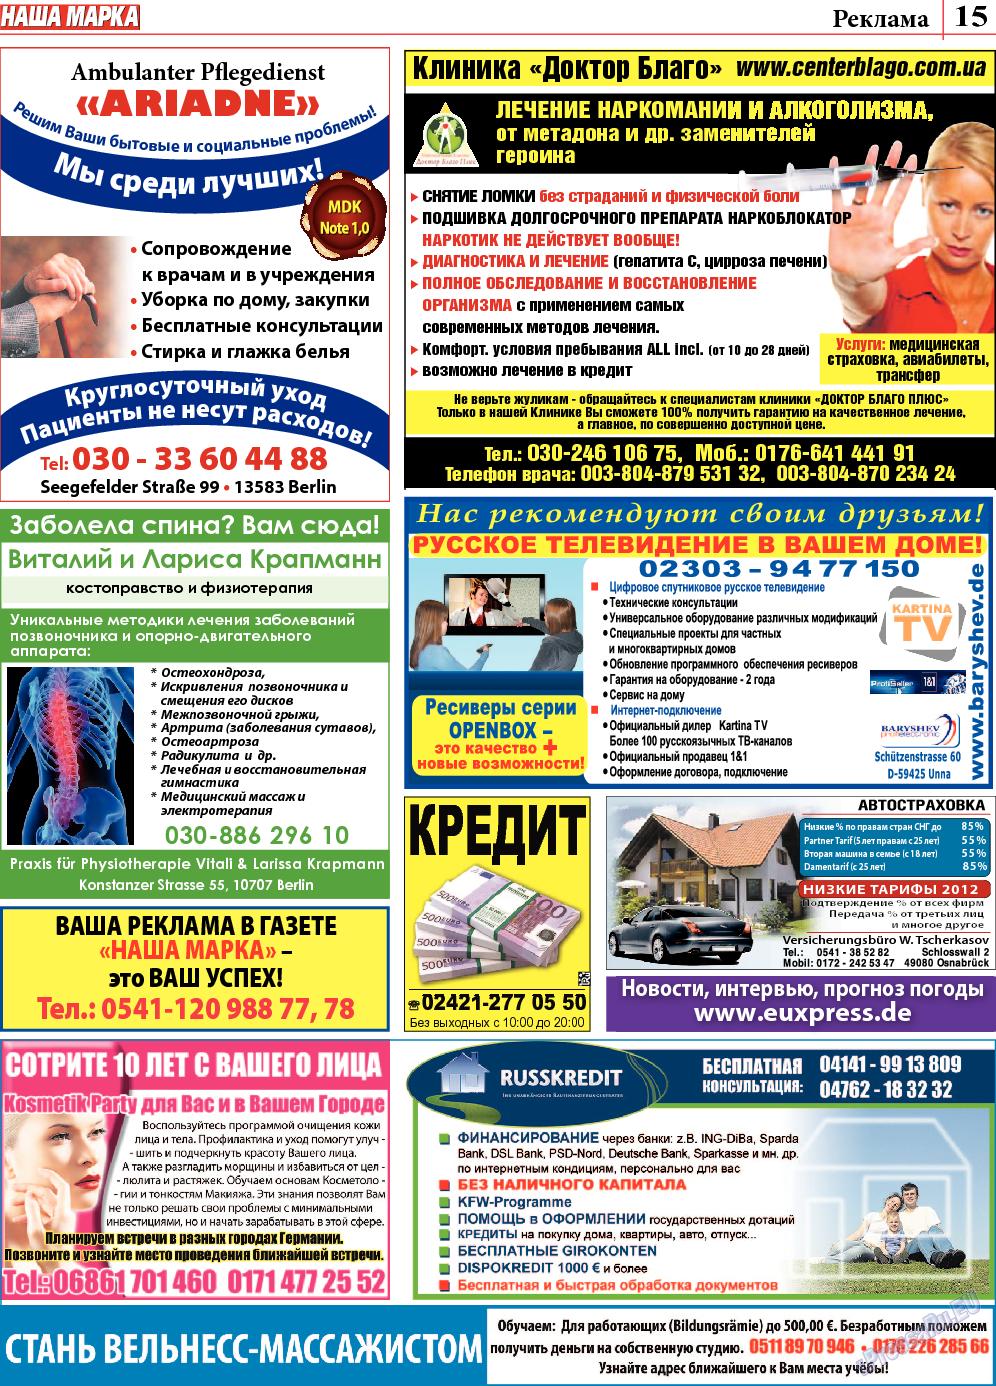 Наша марка (газета). 2013 год, номер 9, стр. 15